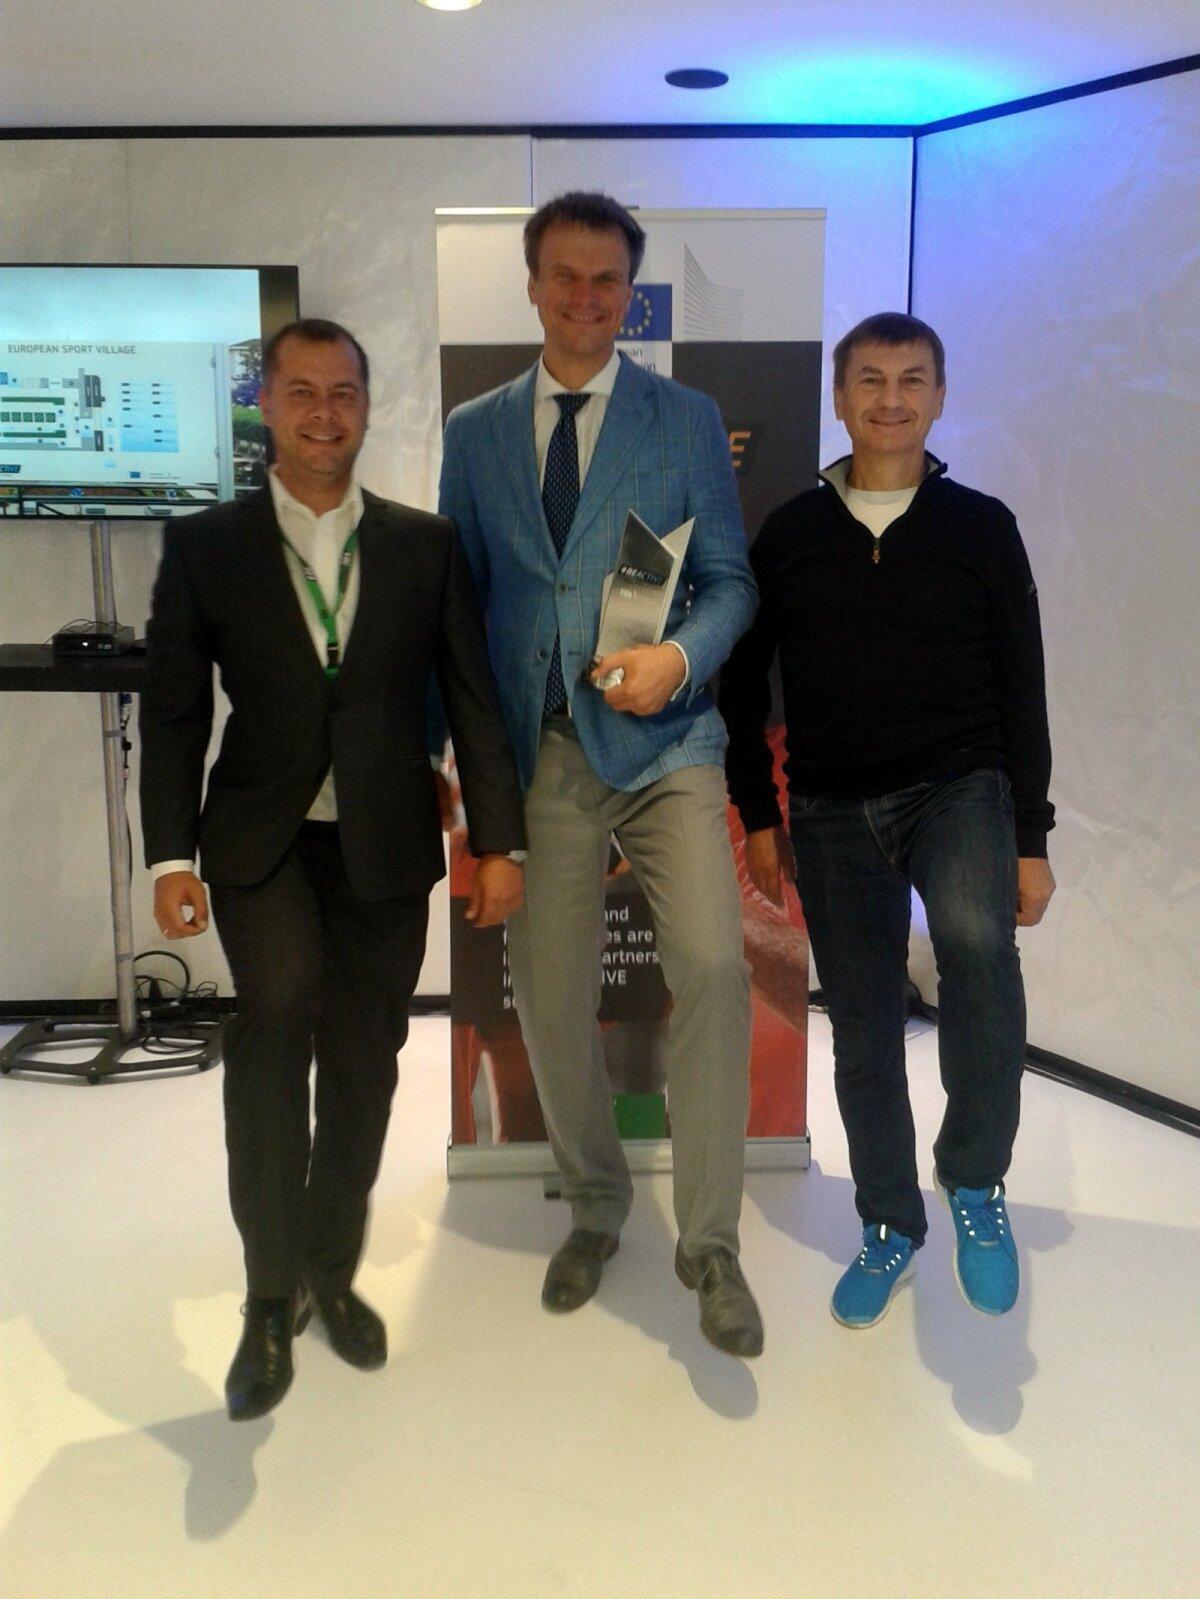 Liikumisharrastuse edendamise nimel Eestis tehakse tegusid ka Brüsselis: Peeter Lusmägi, Erik Pallase ja Andrus Ansip